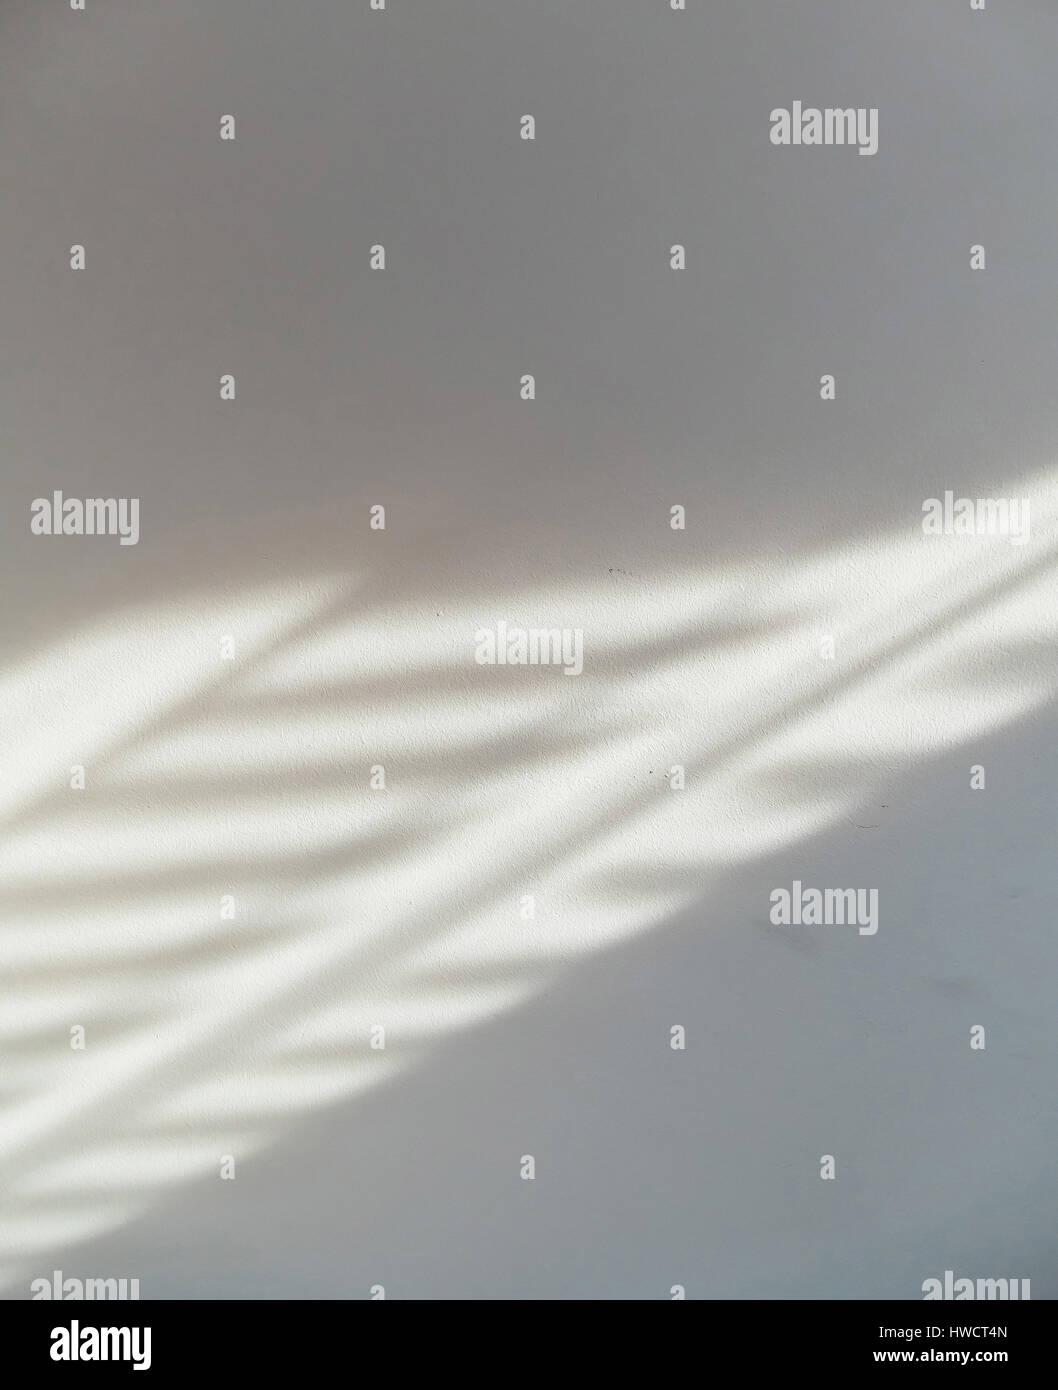 Muster eines Vorhangs auf einer Mauer, Symbol für Sonne, Hintergrund, Muster, Muster Eines Vorhanges Auf Einer Stockbild